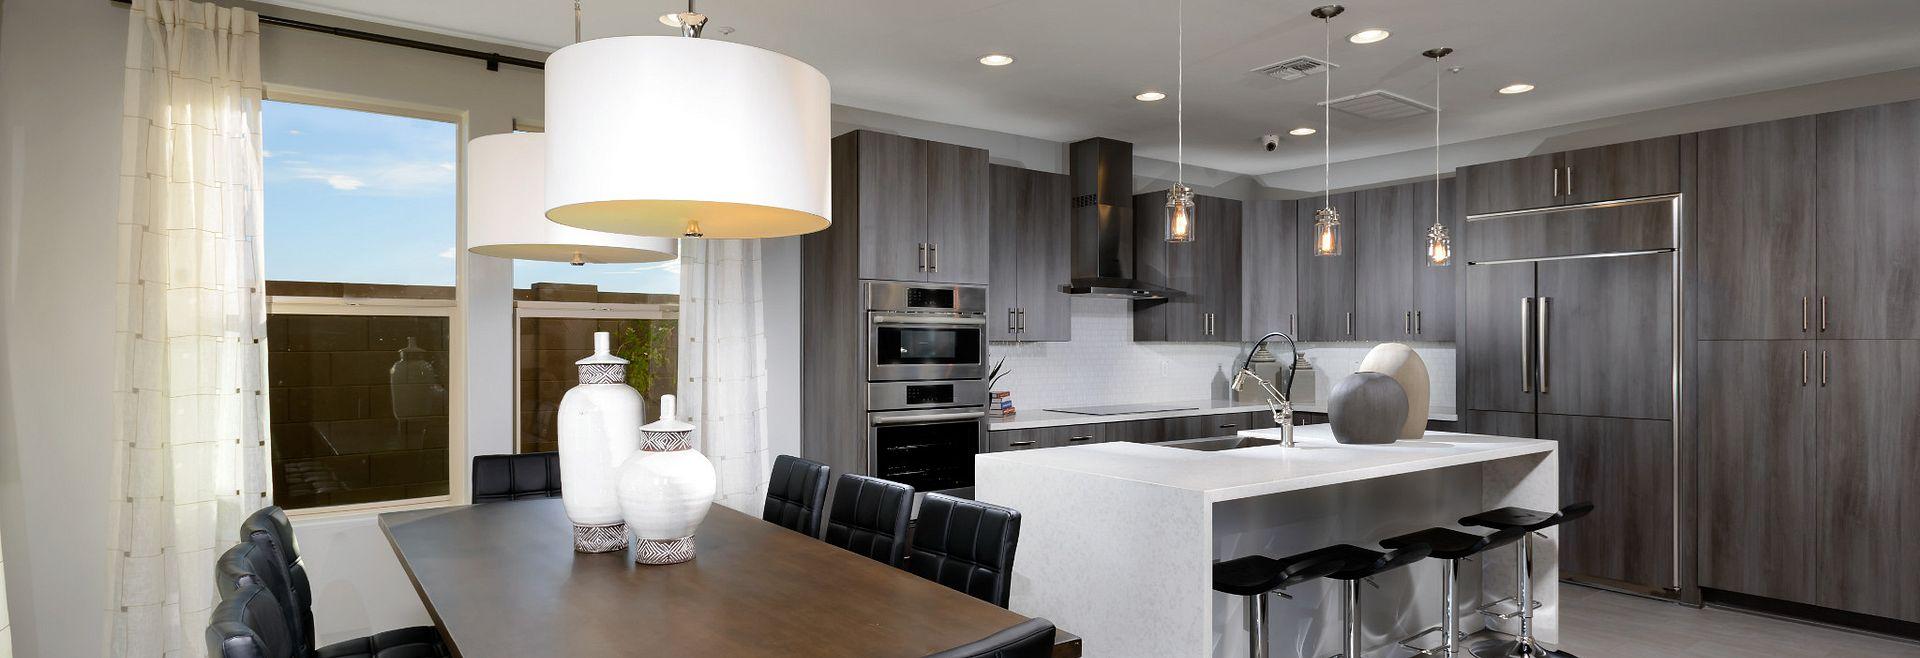 Altair Plan Kitchen